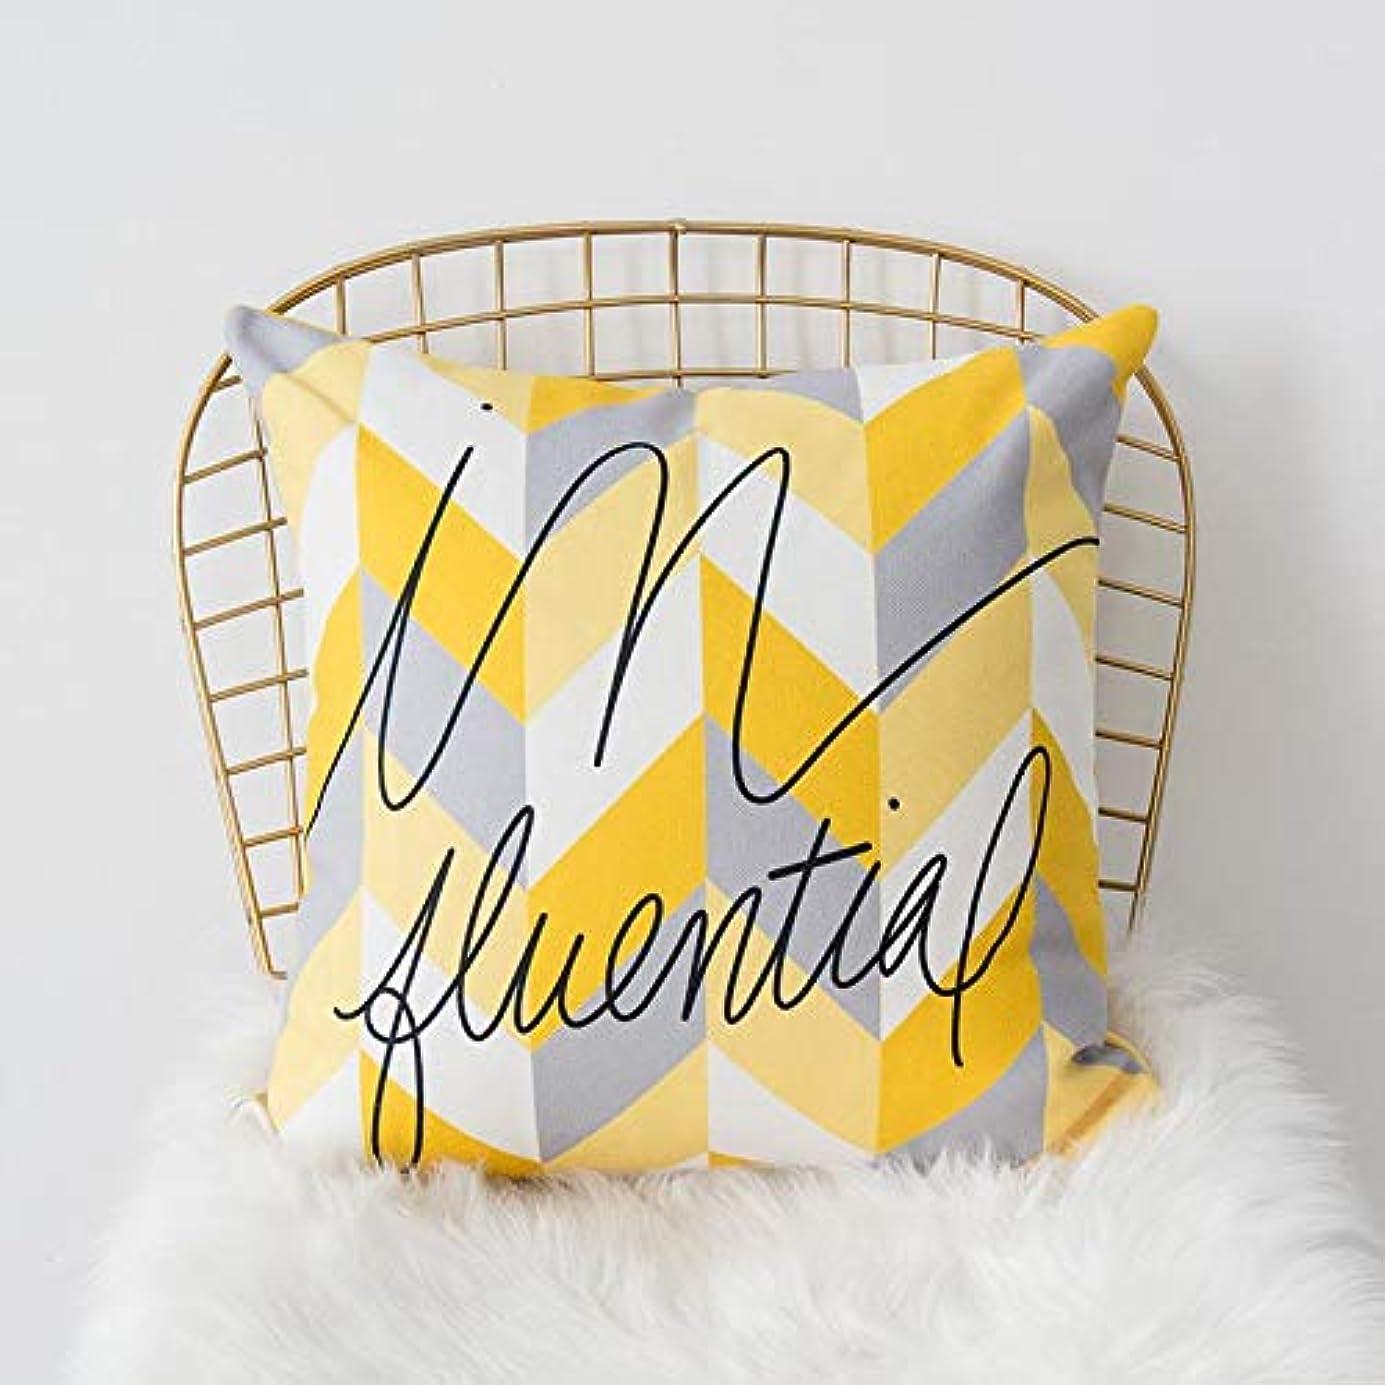 こする出くわす便宜SMART 黄色グレー枕北欧スタイル黄色ヘラジカ幾何枕リビングルームのインテリアソファクッション Cojines 装飾良質 クッション 椅子